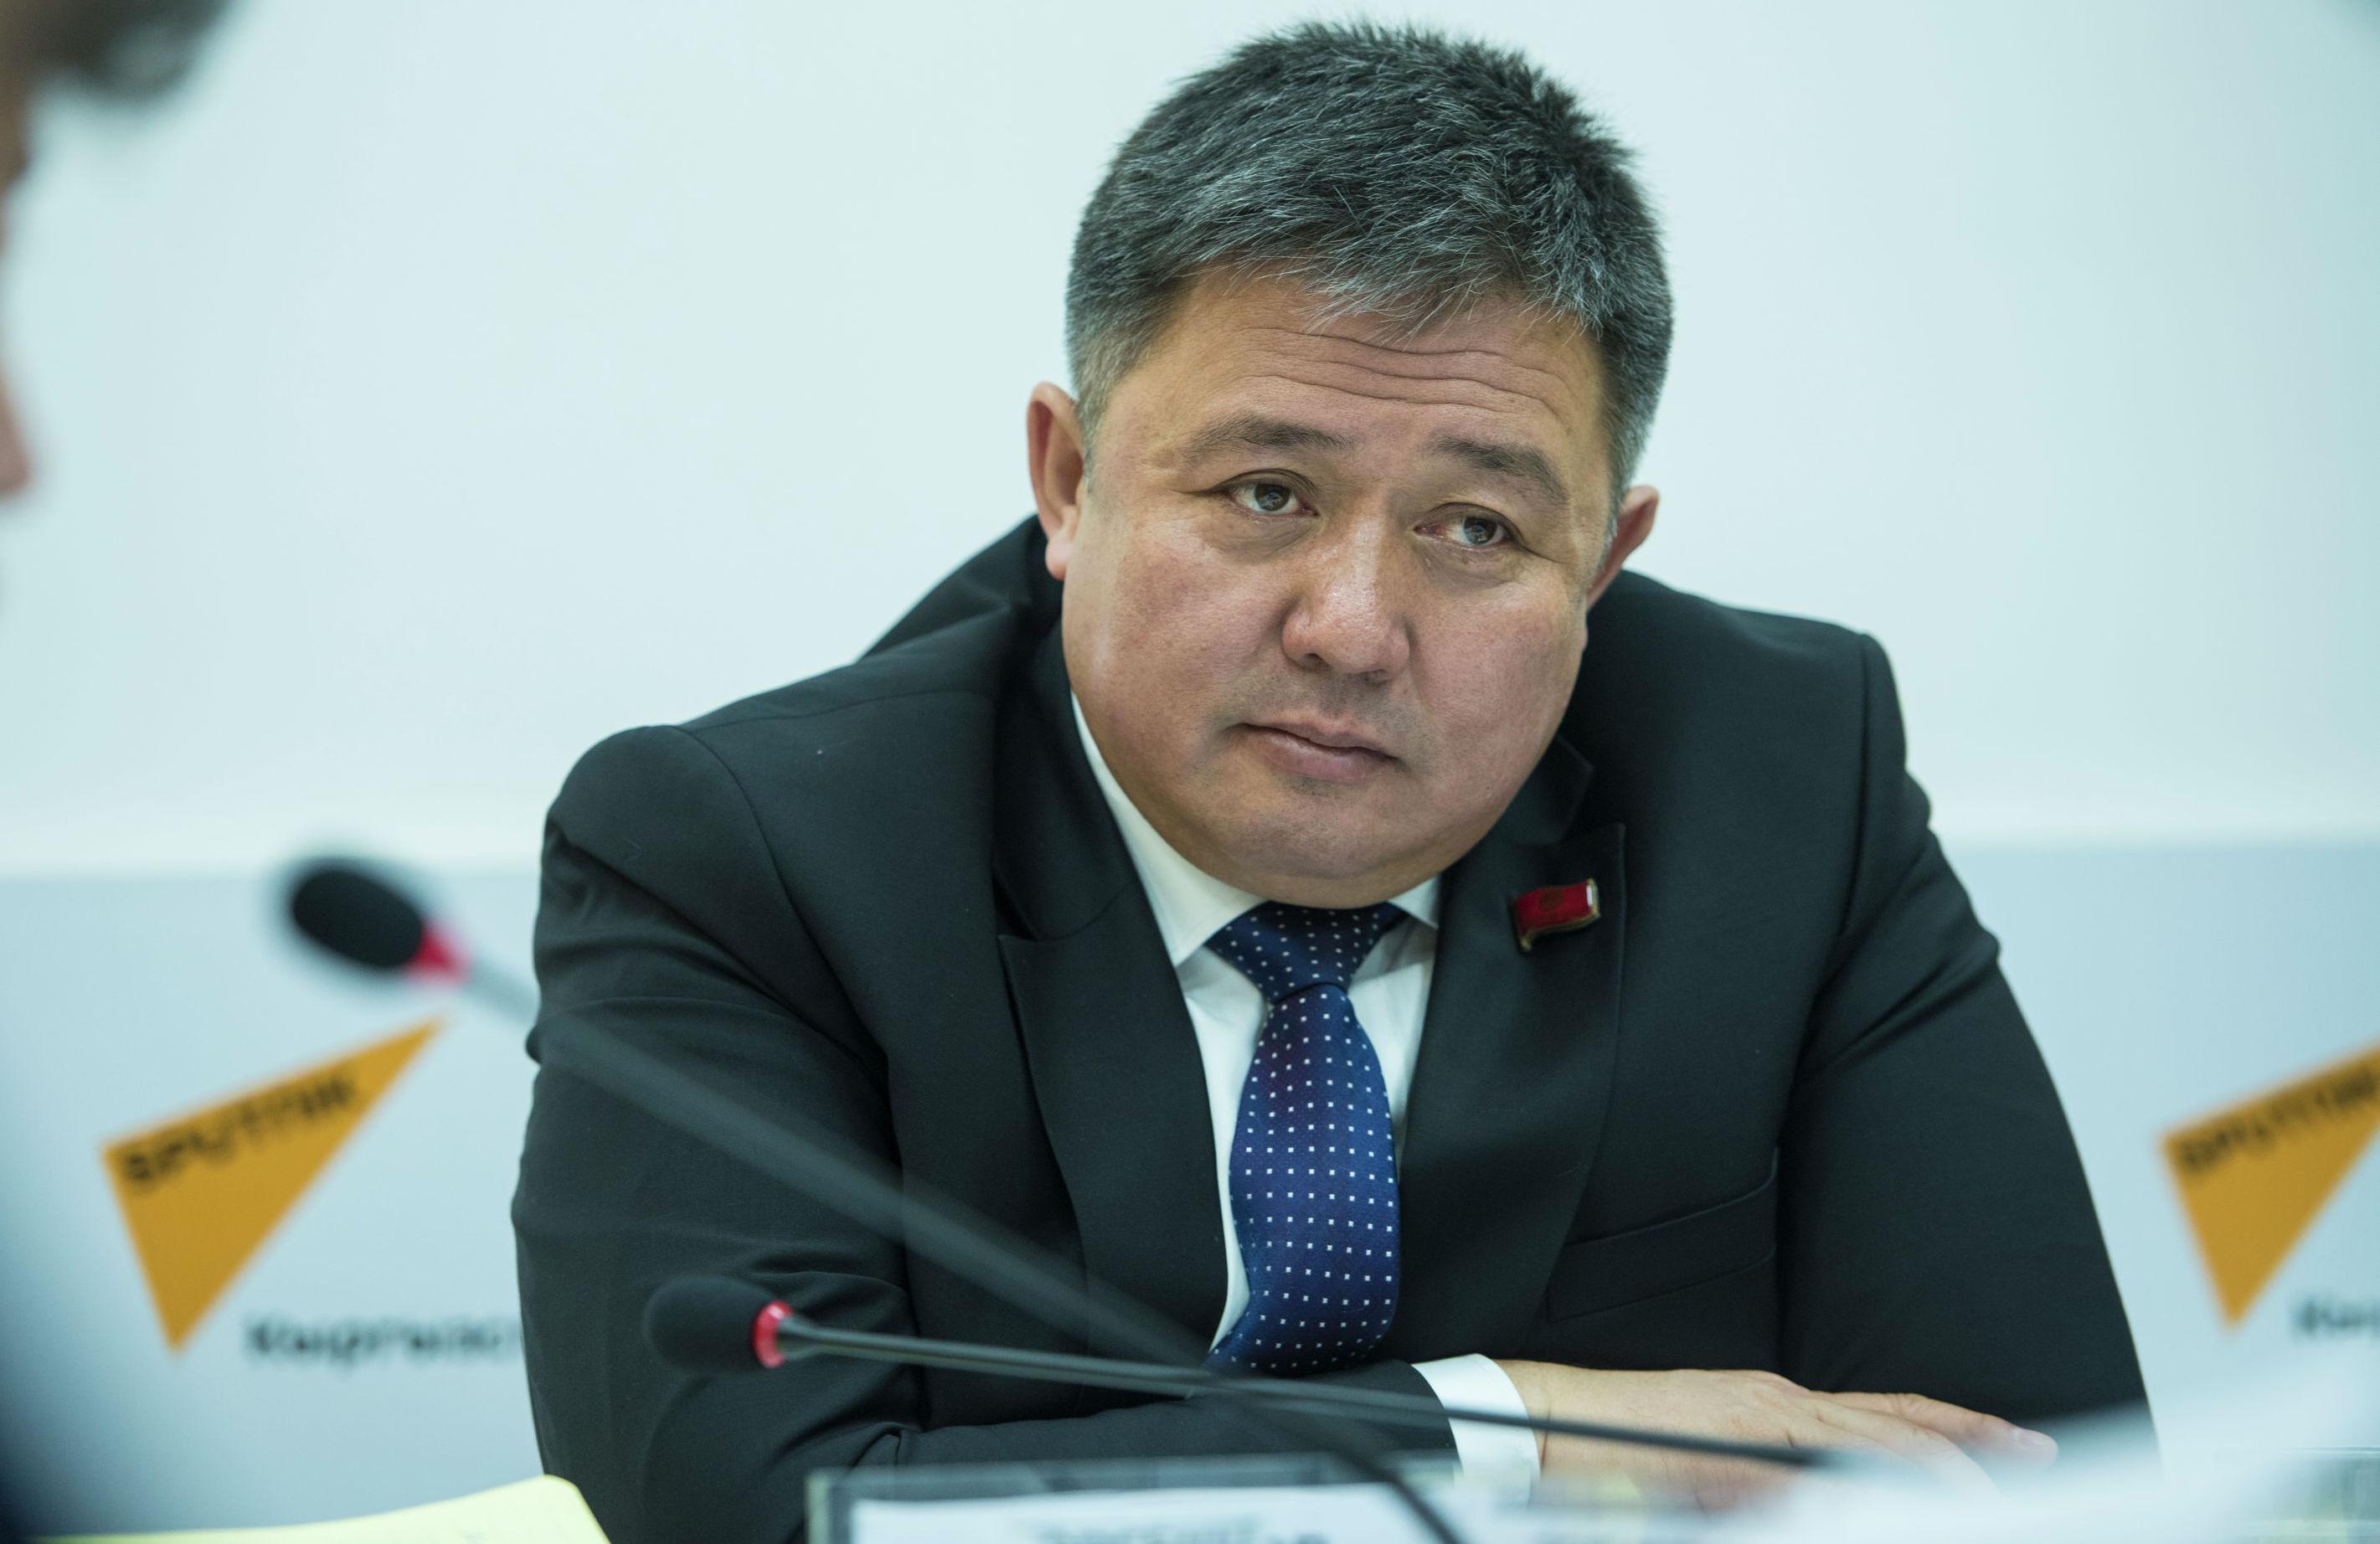 Депутат Жогорку Кенеша Алмазбек Эргешов во время круглого стола в мультимедийном пресс-центре Sputnik Кыргызстан